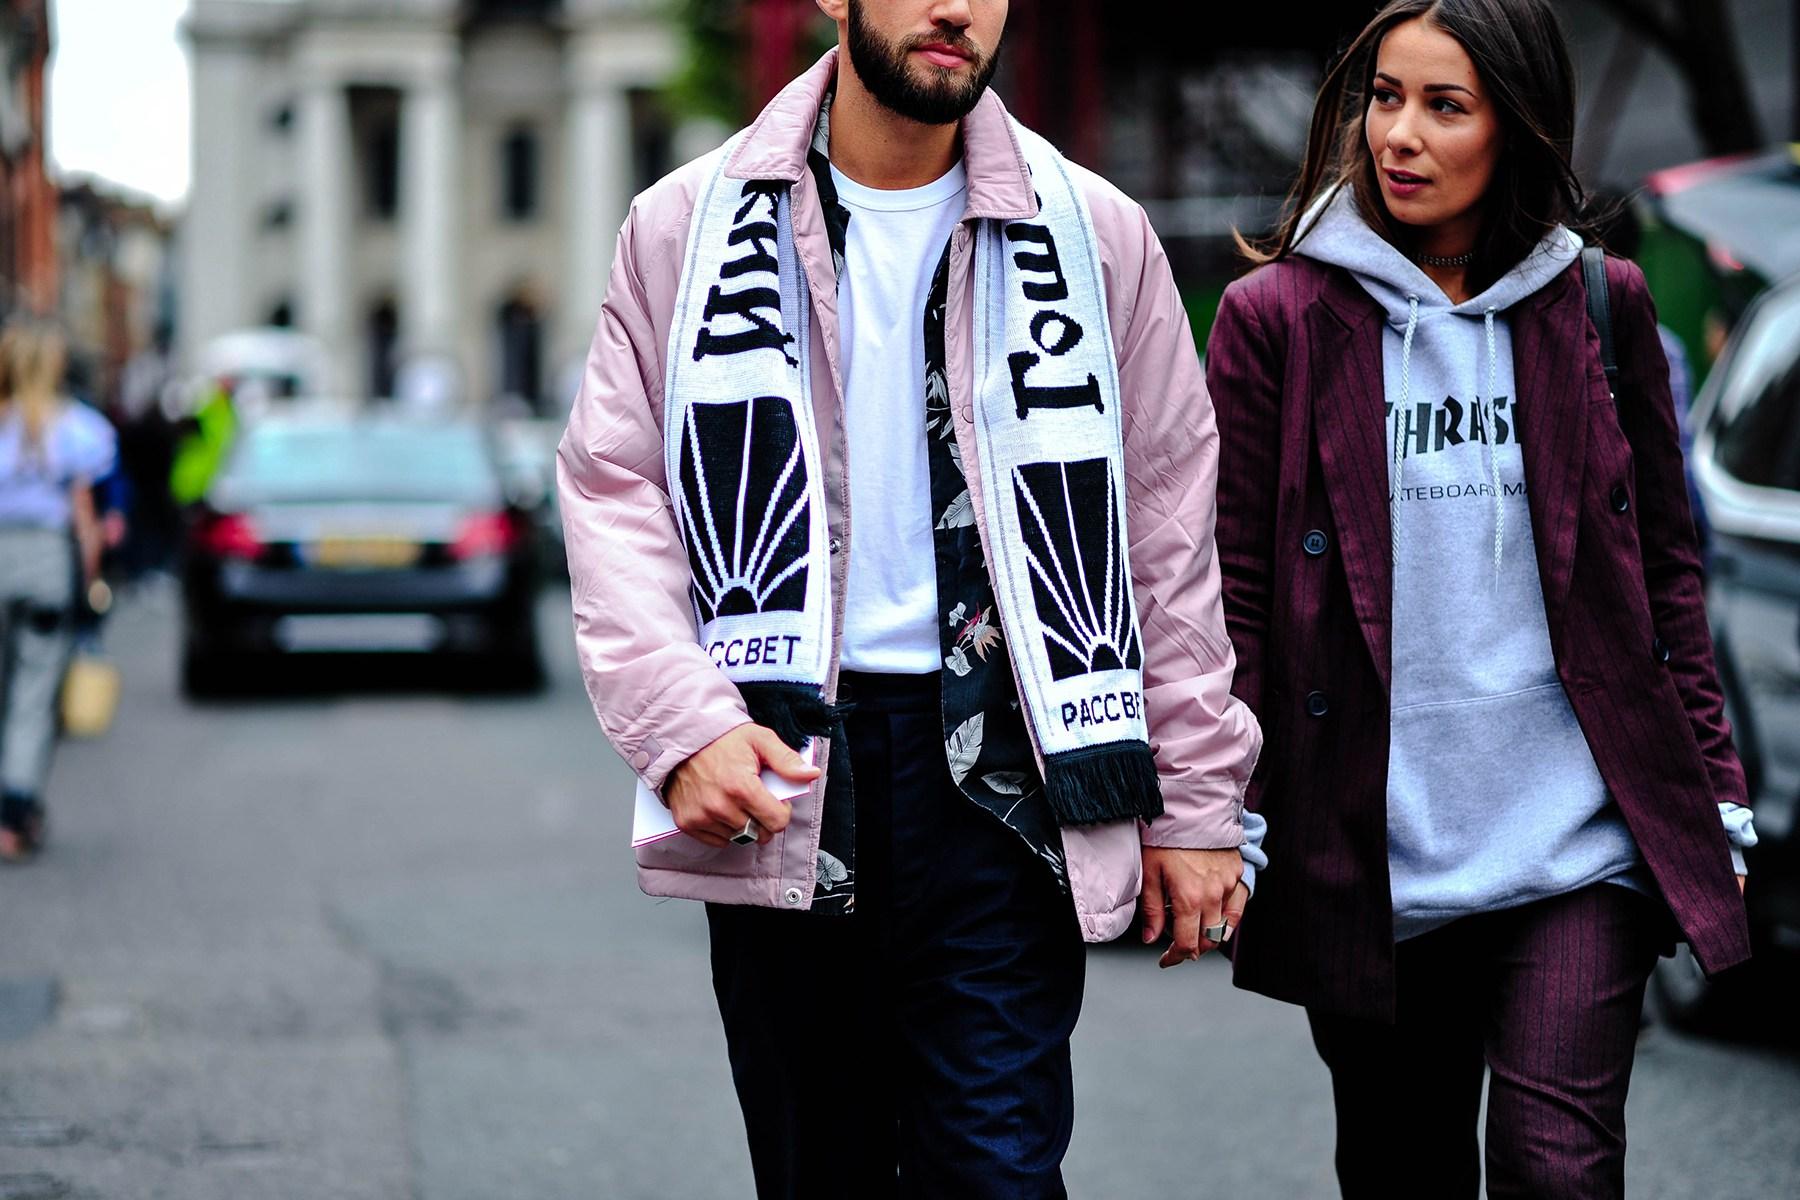 streetsnaps-london-fashion-week- jaimetoutcheztoi street style